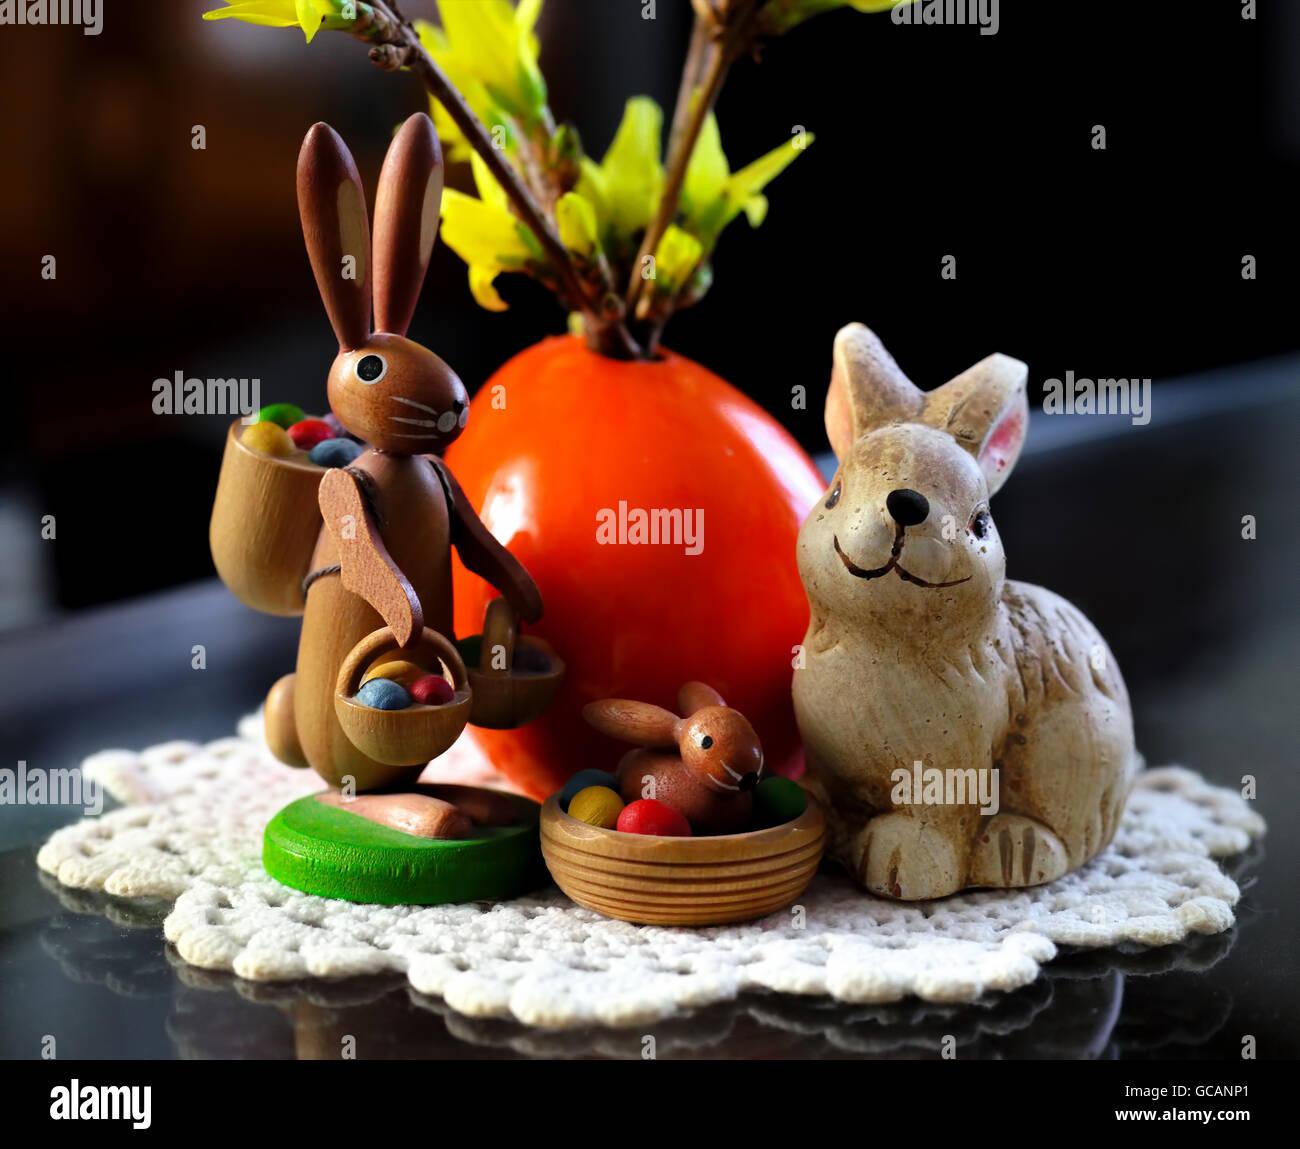 Lapin de Pâques, nostalgique, convivial, coloré Photo Stock